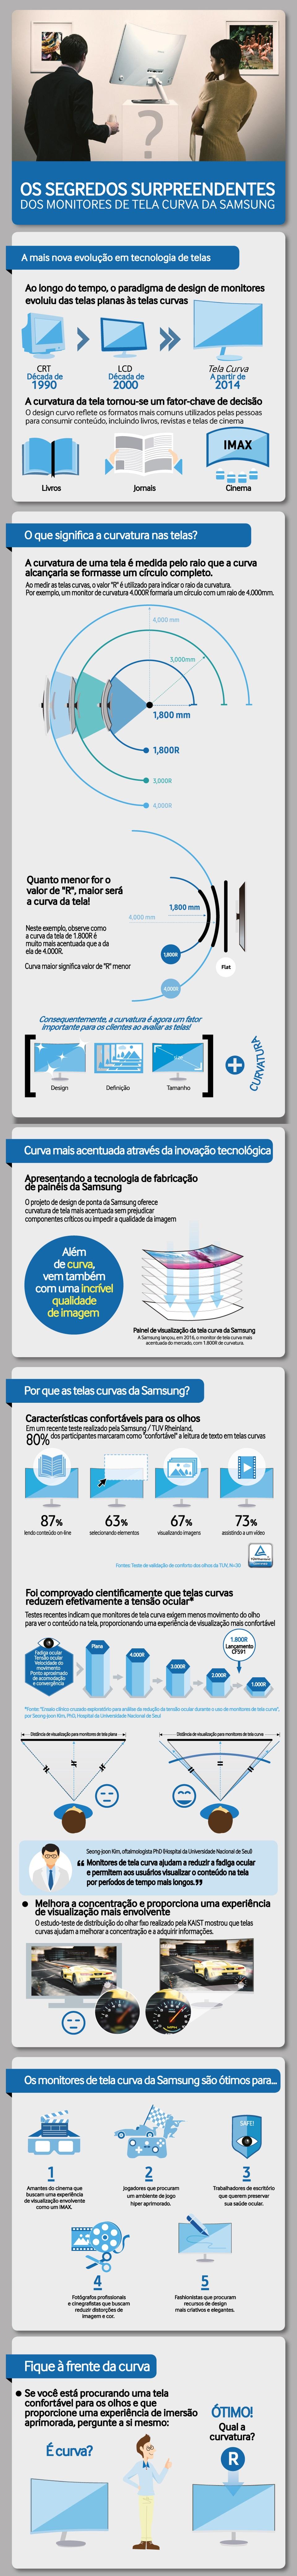 Samsung mostra as vantagens de seus monitores com tela curva [infográfico]